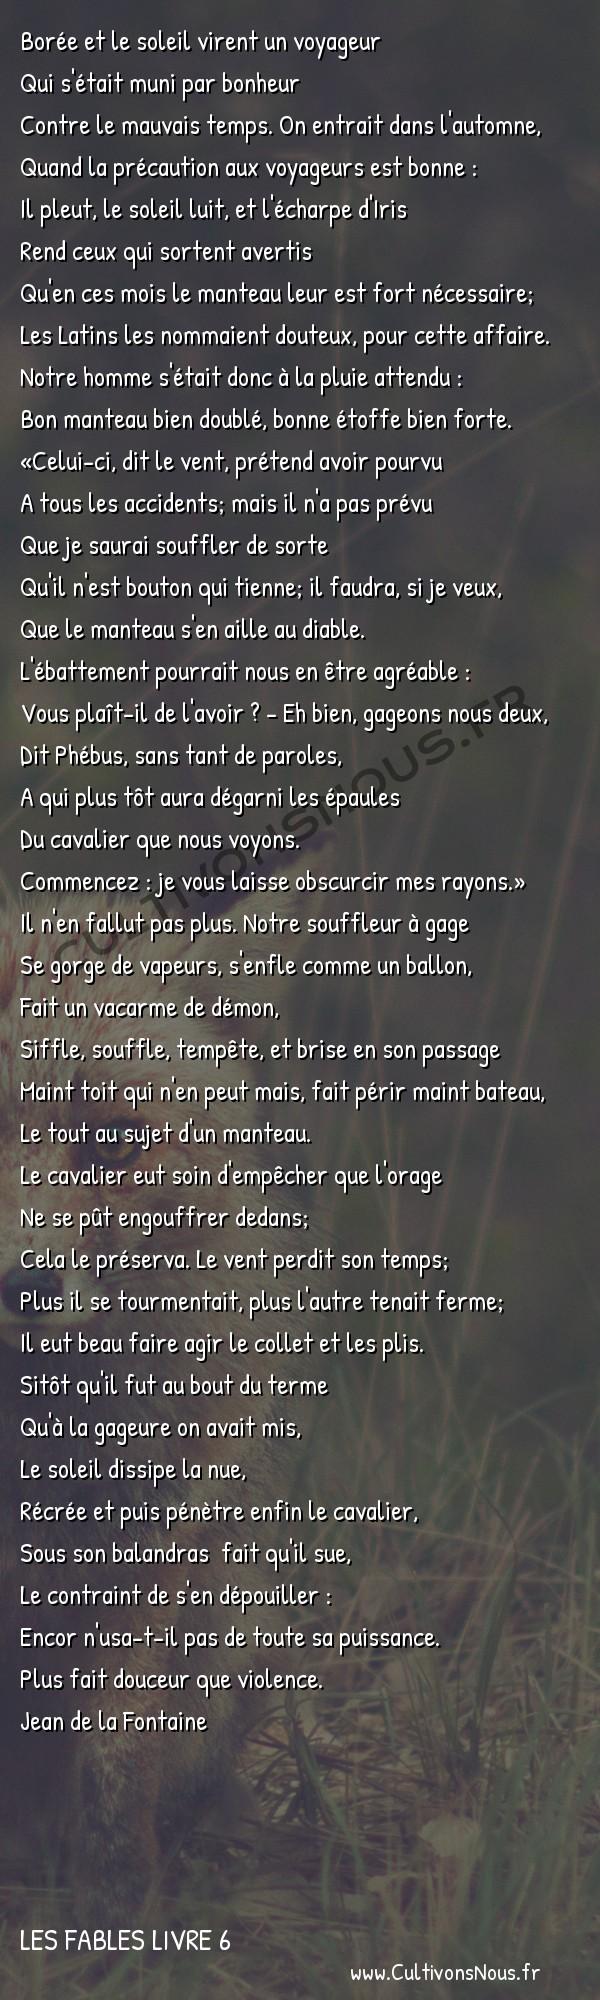 Fables Jean de la Fontaine - Les fables Livre 6 - Phébus et Borée -   Borée et le soleil virent un voyageur Qui s'était muni par bonheur